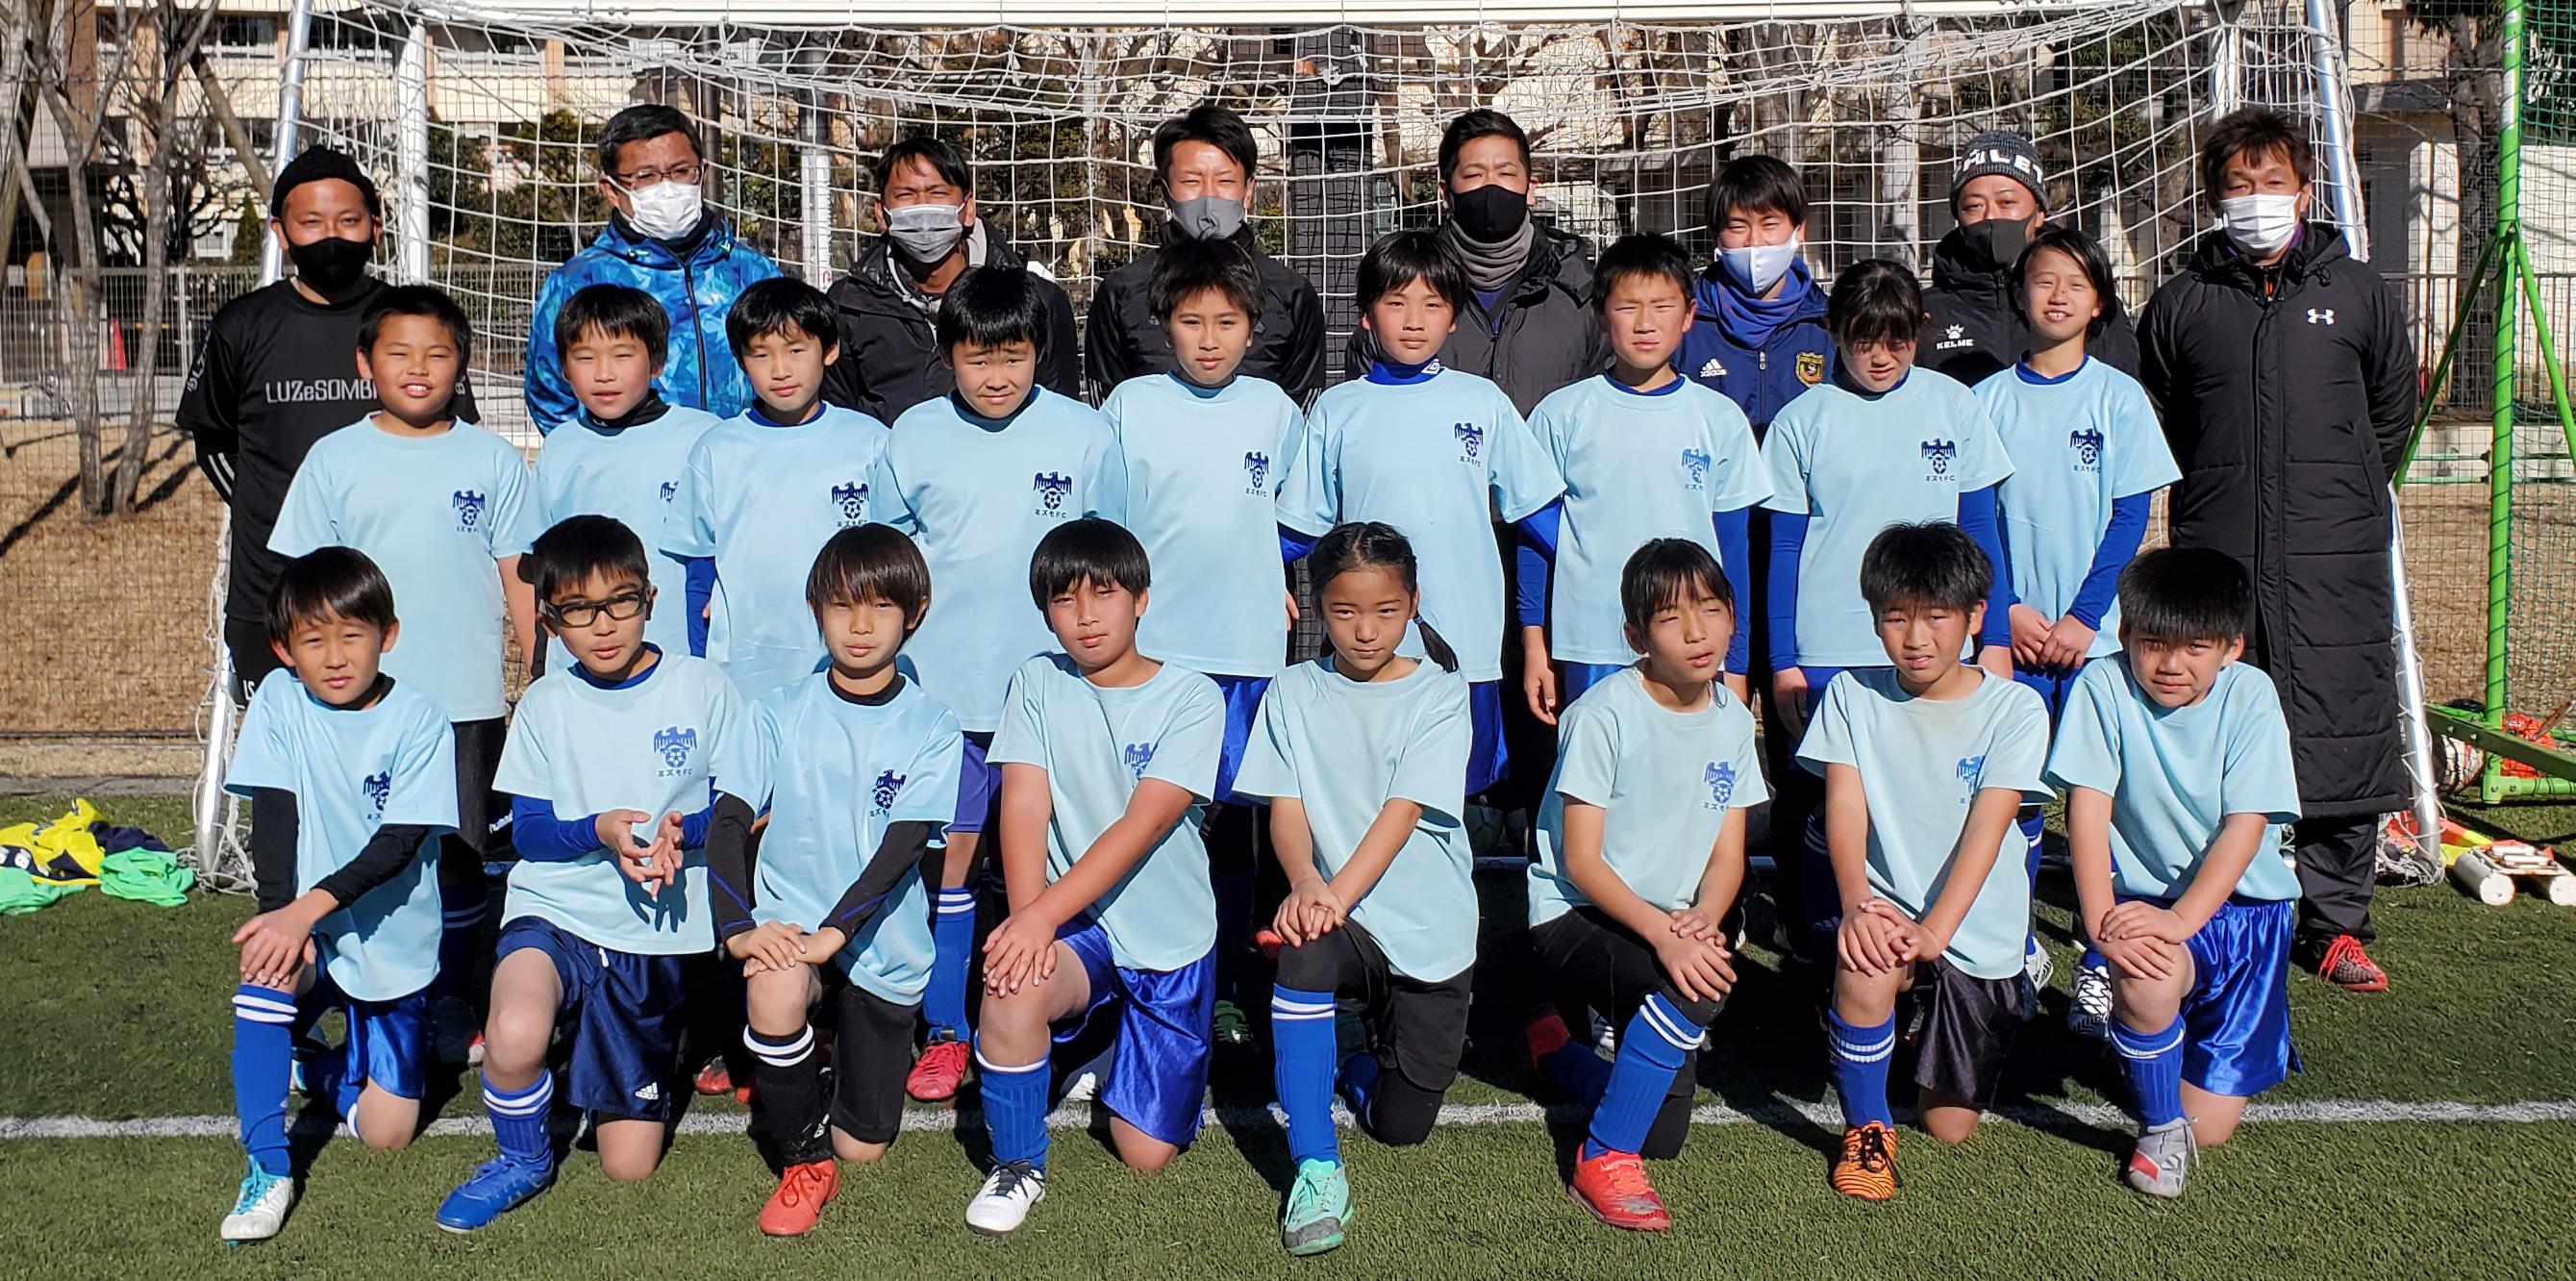 ミズモFC小学生5年生チーム